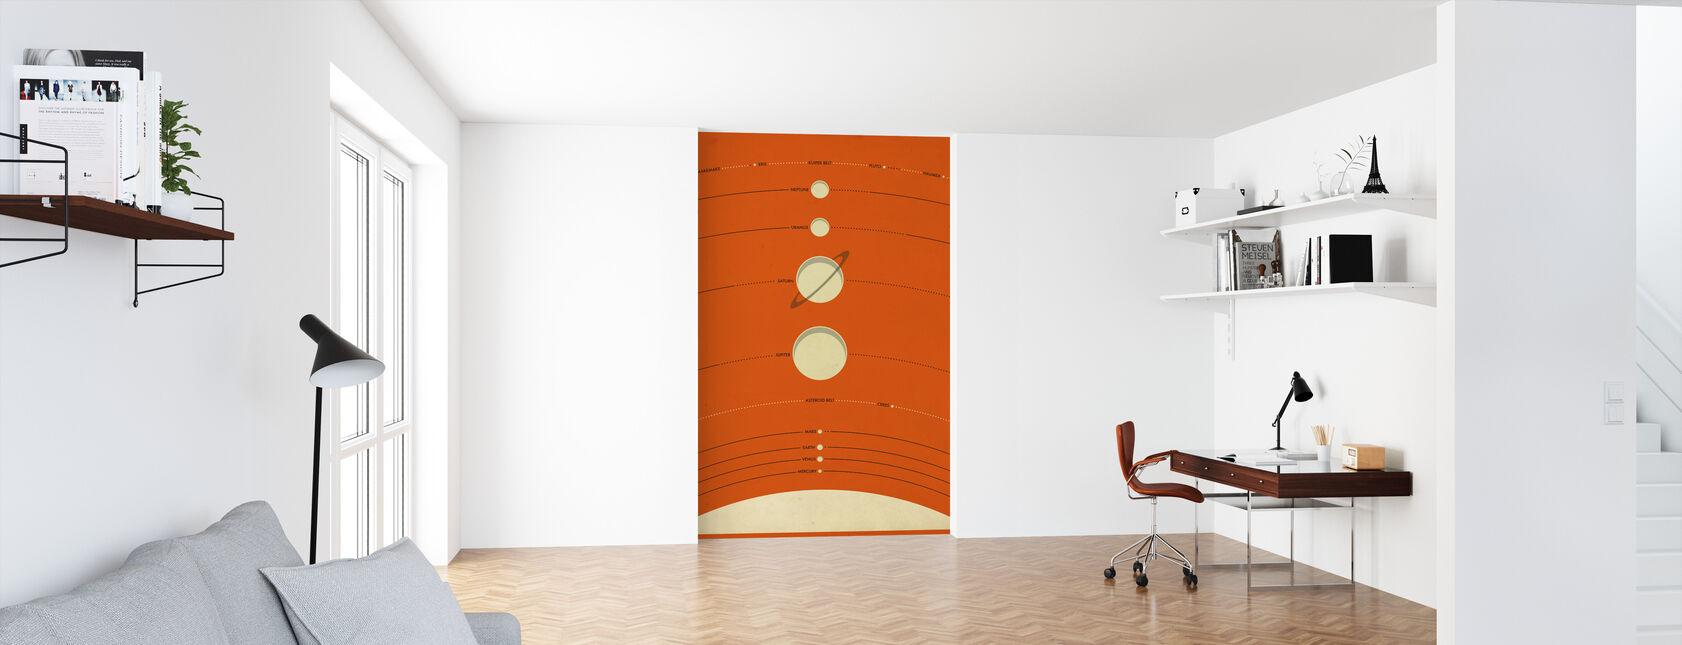 Aurinkokunta - Oranssi - Tapetti - Toimisto